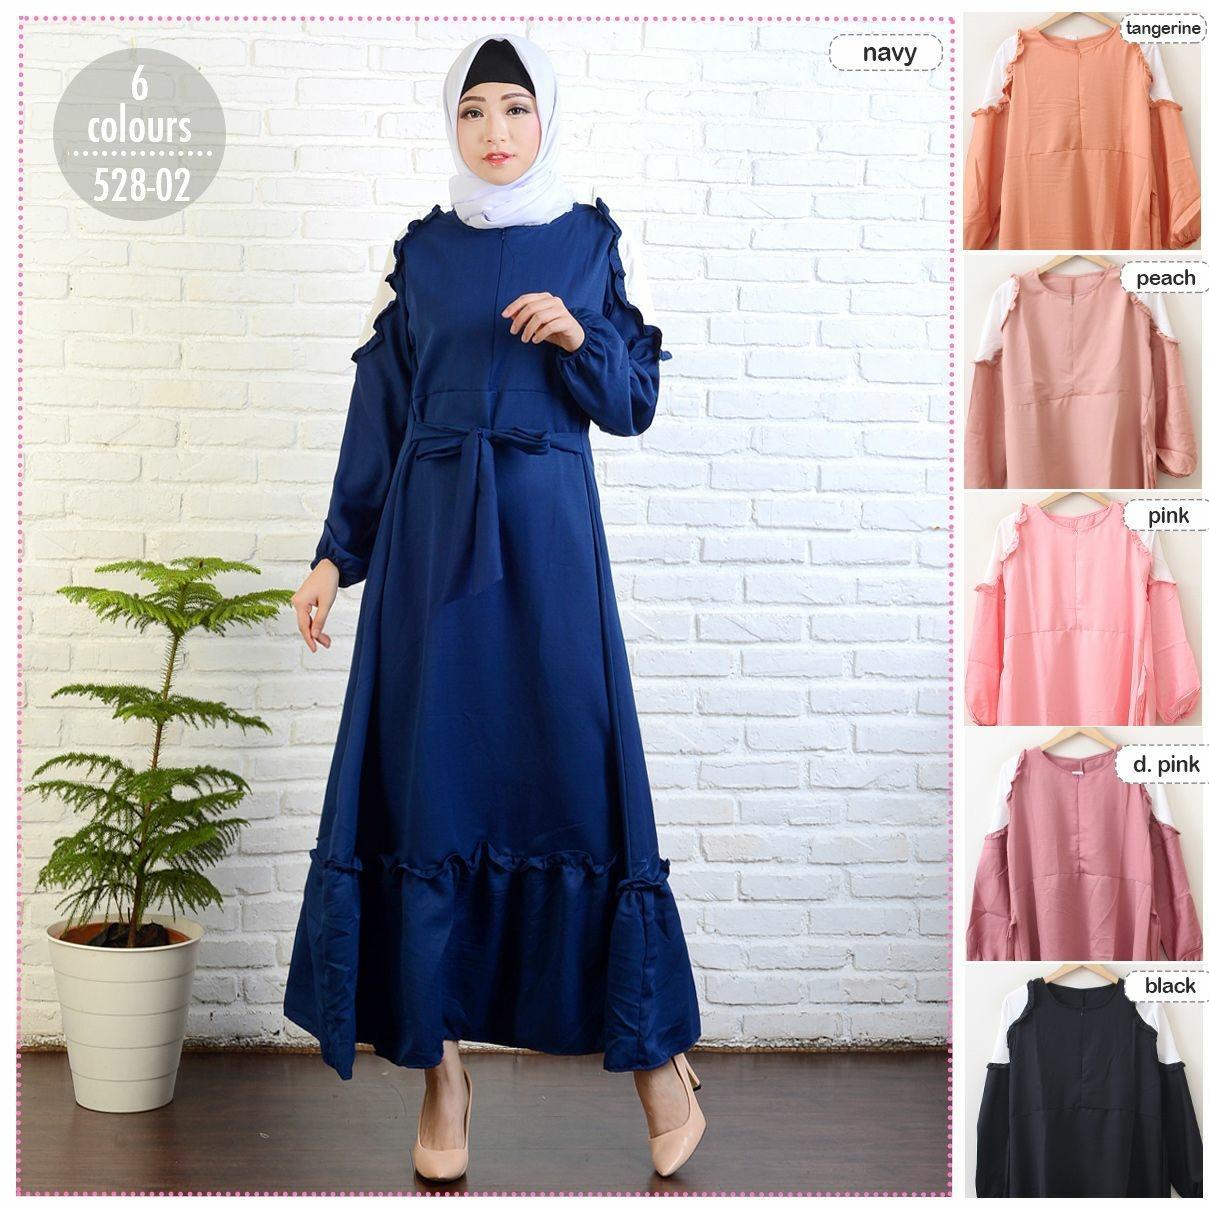 DIONISIA Nia Dress Wanita / Dress Muslim / Gamis Wanita / Baju Muslim / Hijab Muslim / Fashion Muslim / Syar'i Muslim / Maxi Dress Lengan Panjang / Gamis Modern